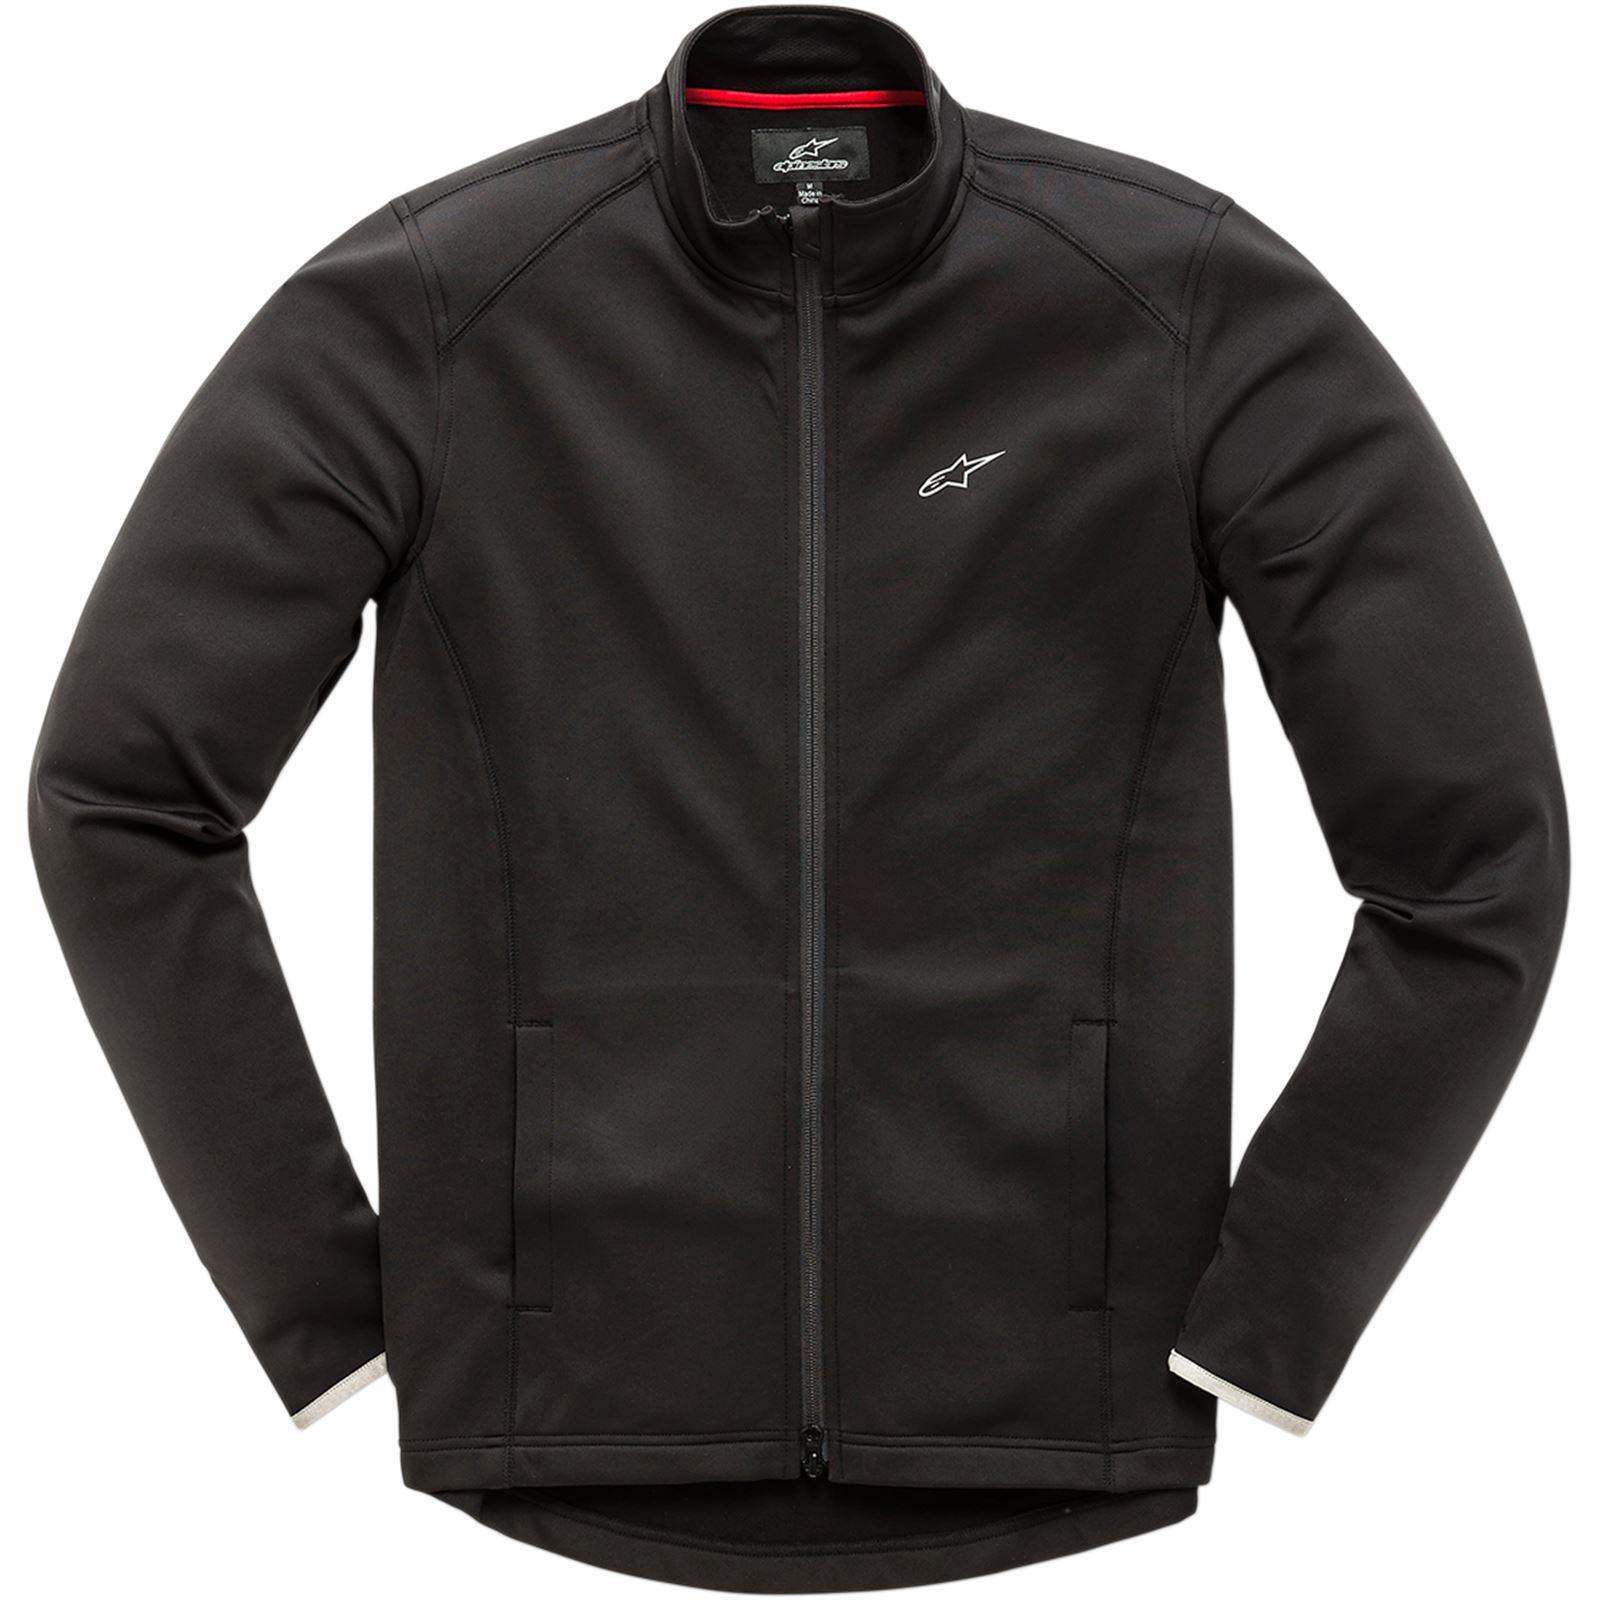 Alpinestars Purpose Mid-Layer Jacket - Black - Medium